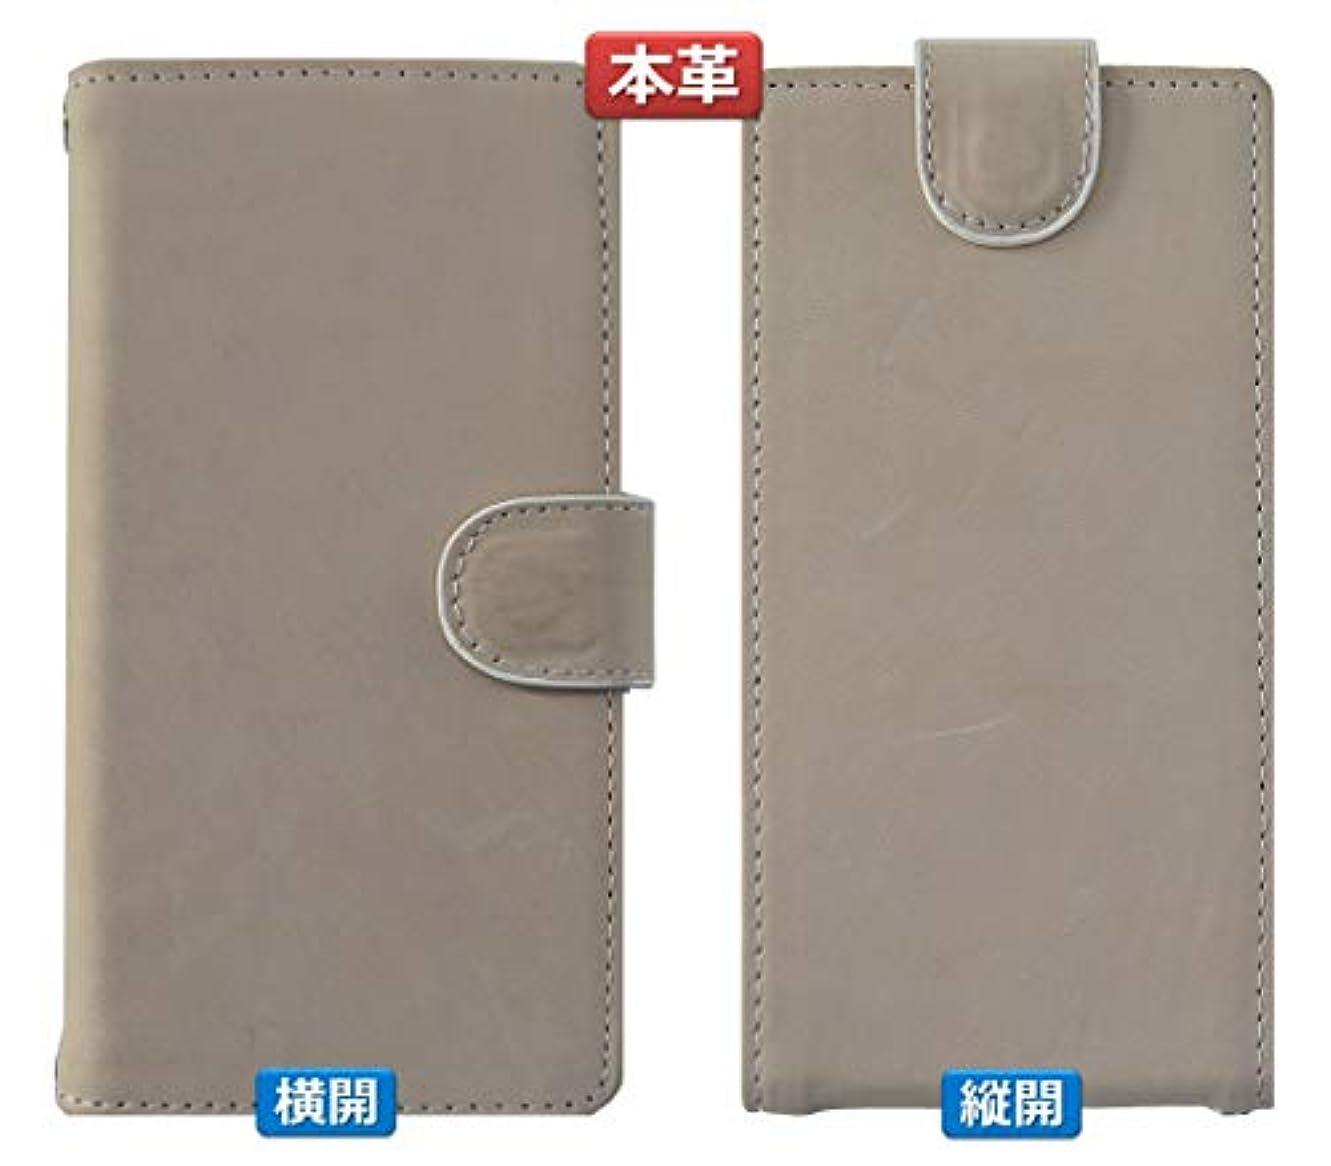 助けて生命体管理します楽々ショップ ASUS ZenFone 4 Max SIMフリー 手帳型ケース 本革 レザー 手帳 ケース カバー 縦開き 本革ストラップ付き カード収納 保護フィルム付 ZC520KL-ZPLF-W457 ベージュ やわらかい羊皮使用